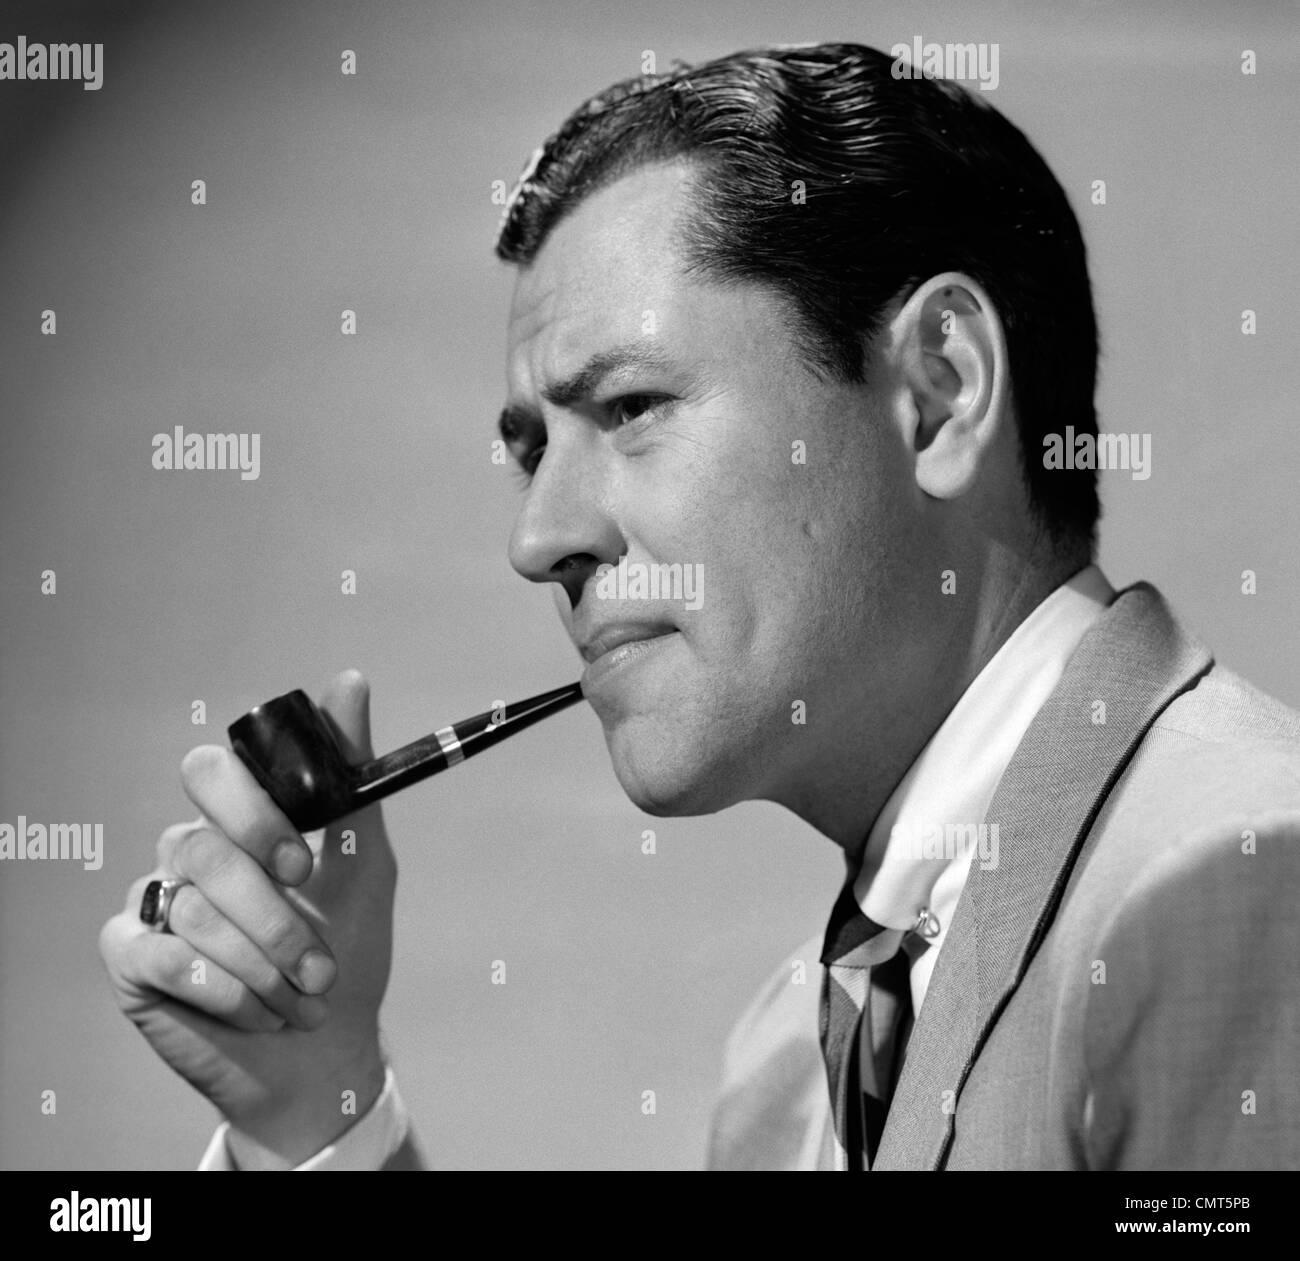 1950 empresario fruncir el ceño en chaqueta y corbata a fumar en pipa Imagen De Stock